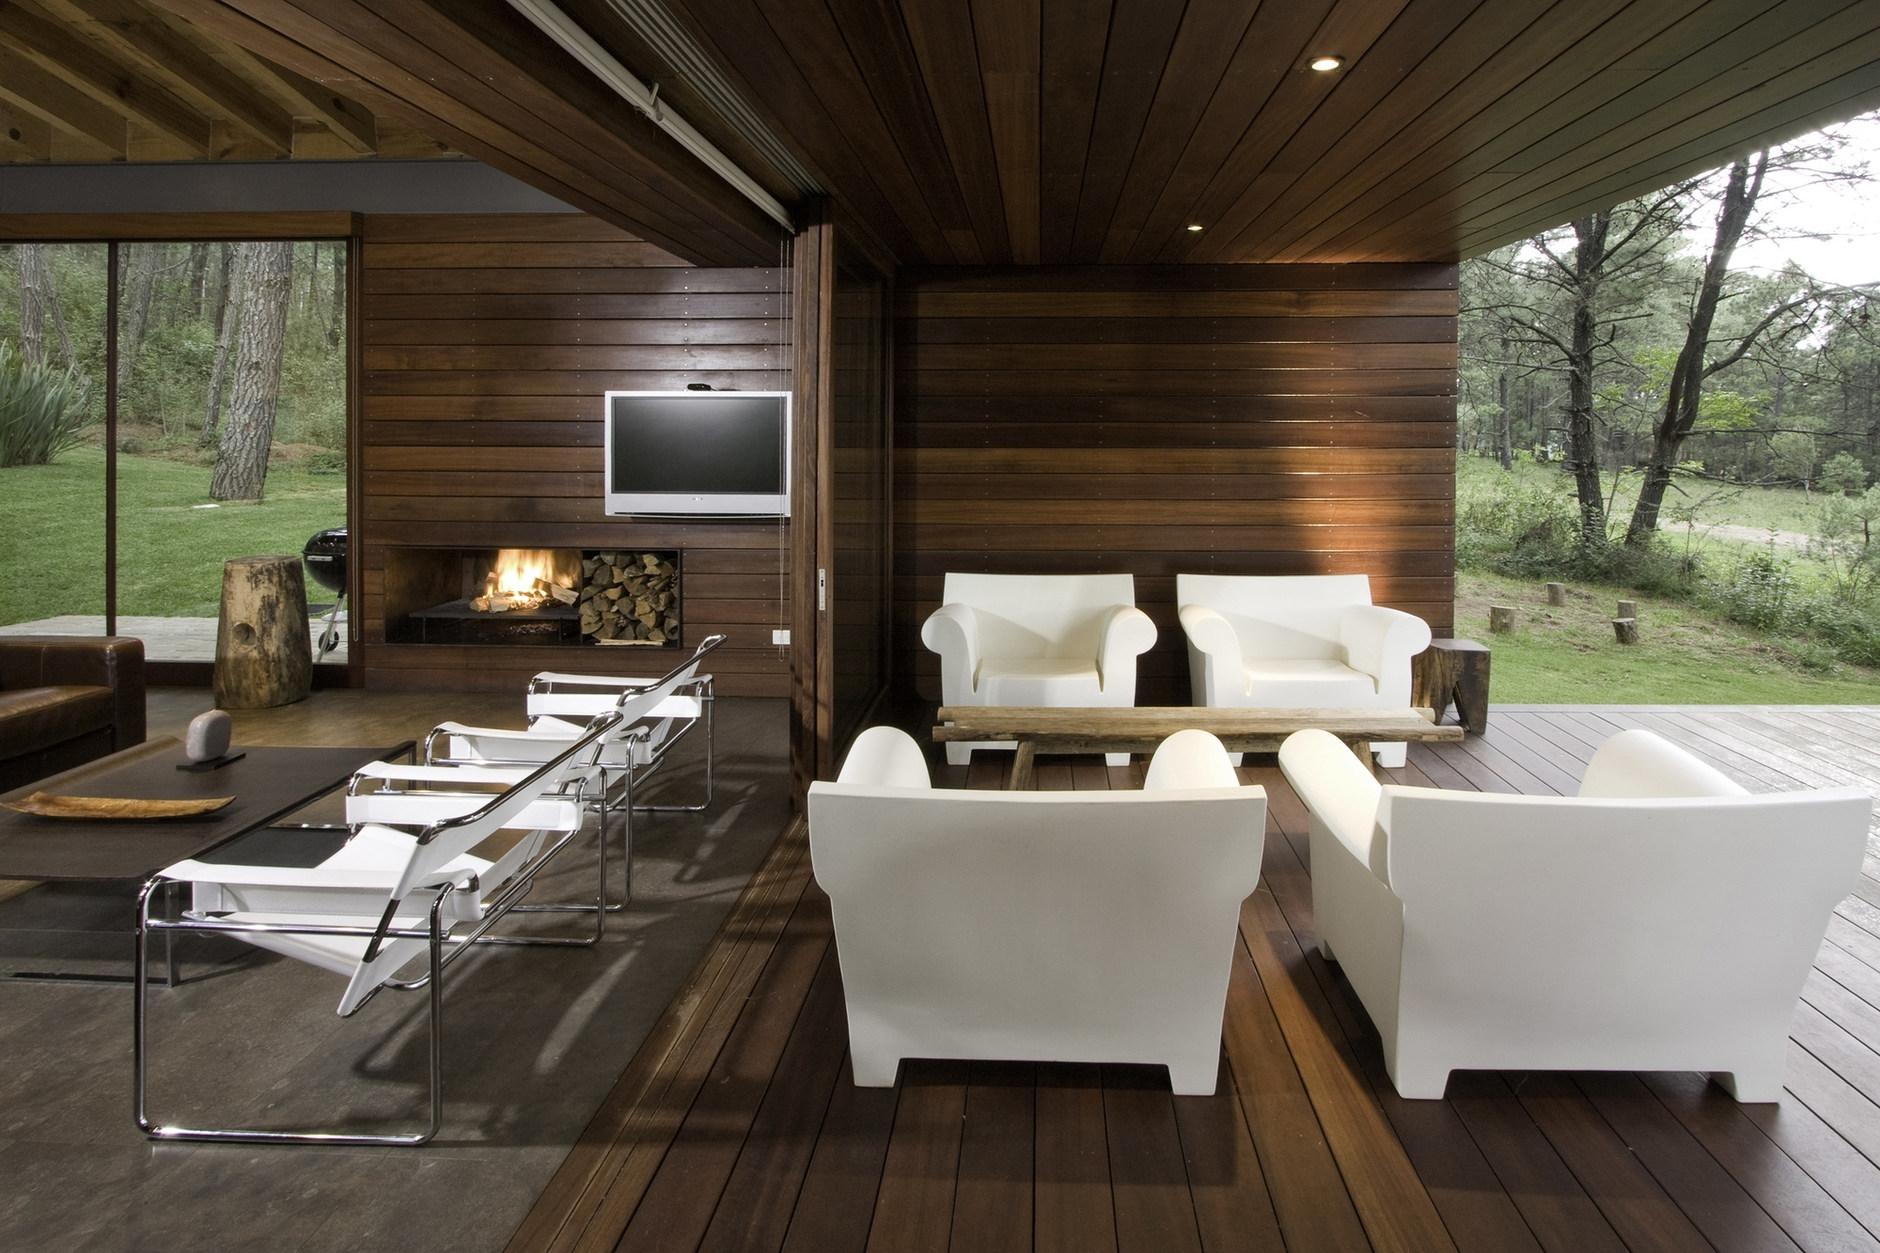 Ro house tapalpa by el as rizo arquitectos karmatrendz for Casas rusticas con jardin